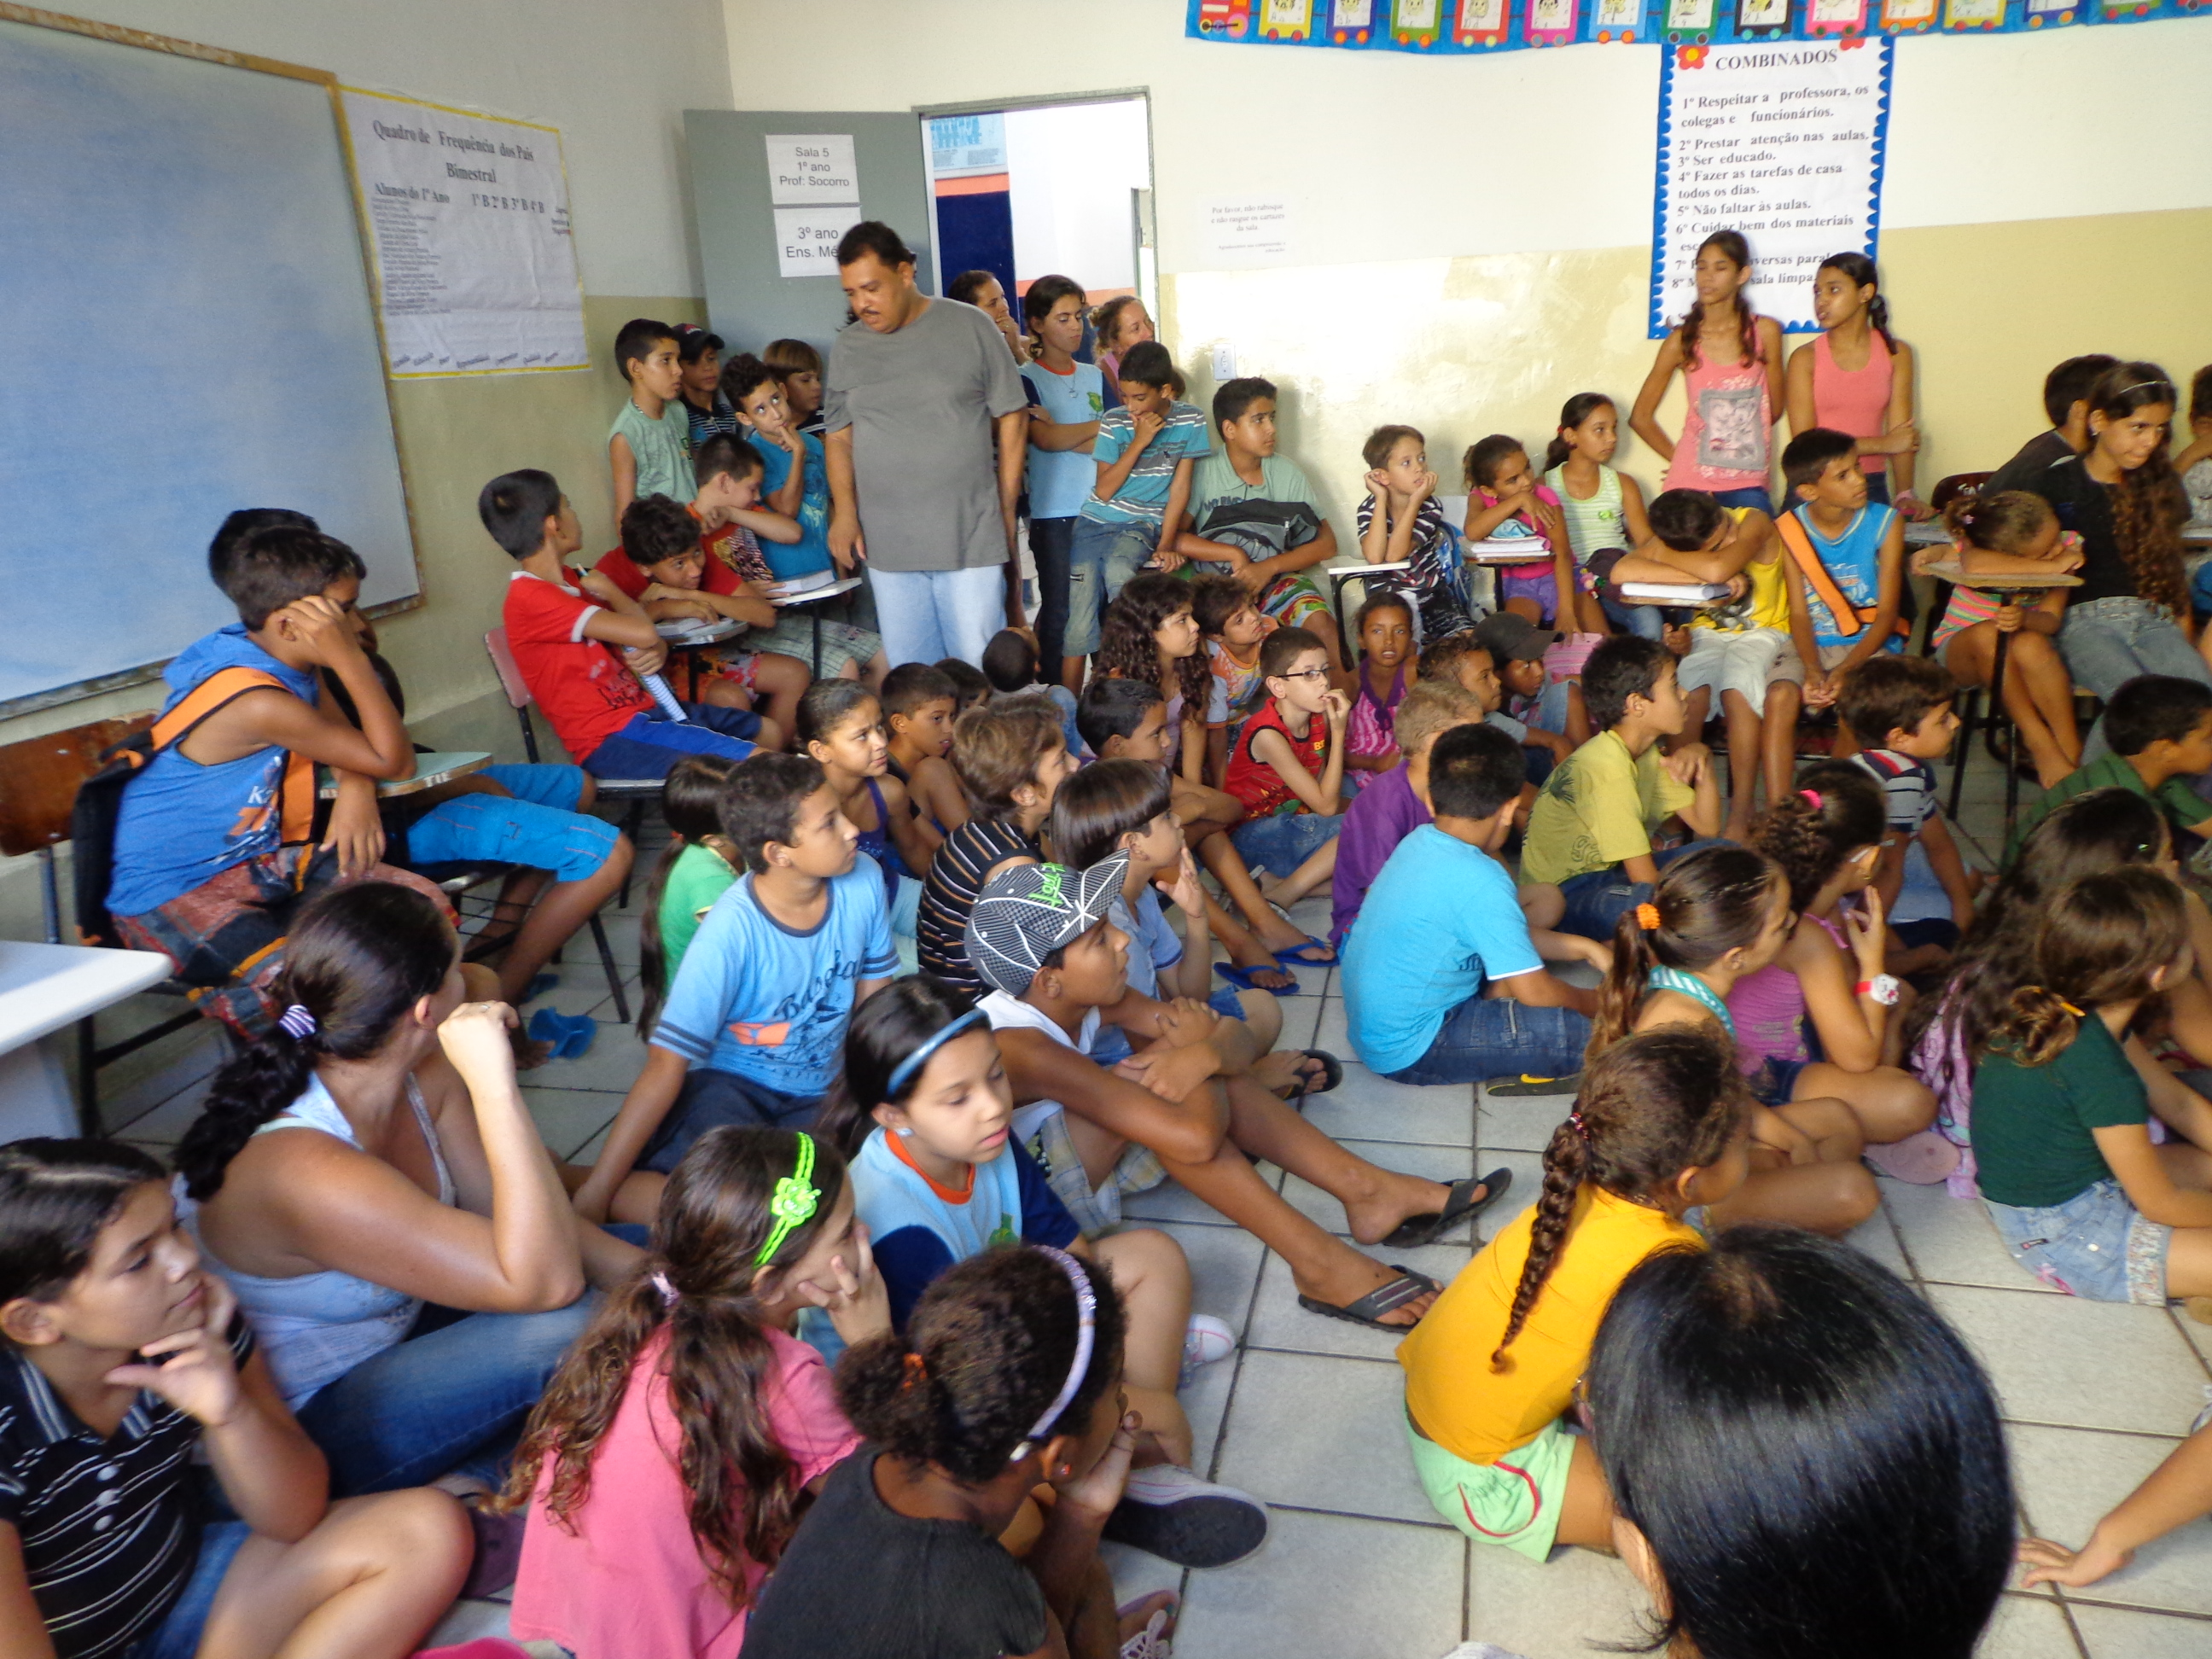 Crianças e adolescentes sentados no chão e cadeiras encostadas na parede da sala de aula. Eles estão voltados para a lousa.